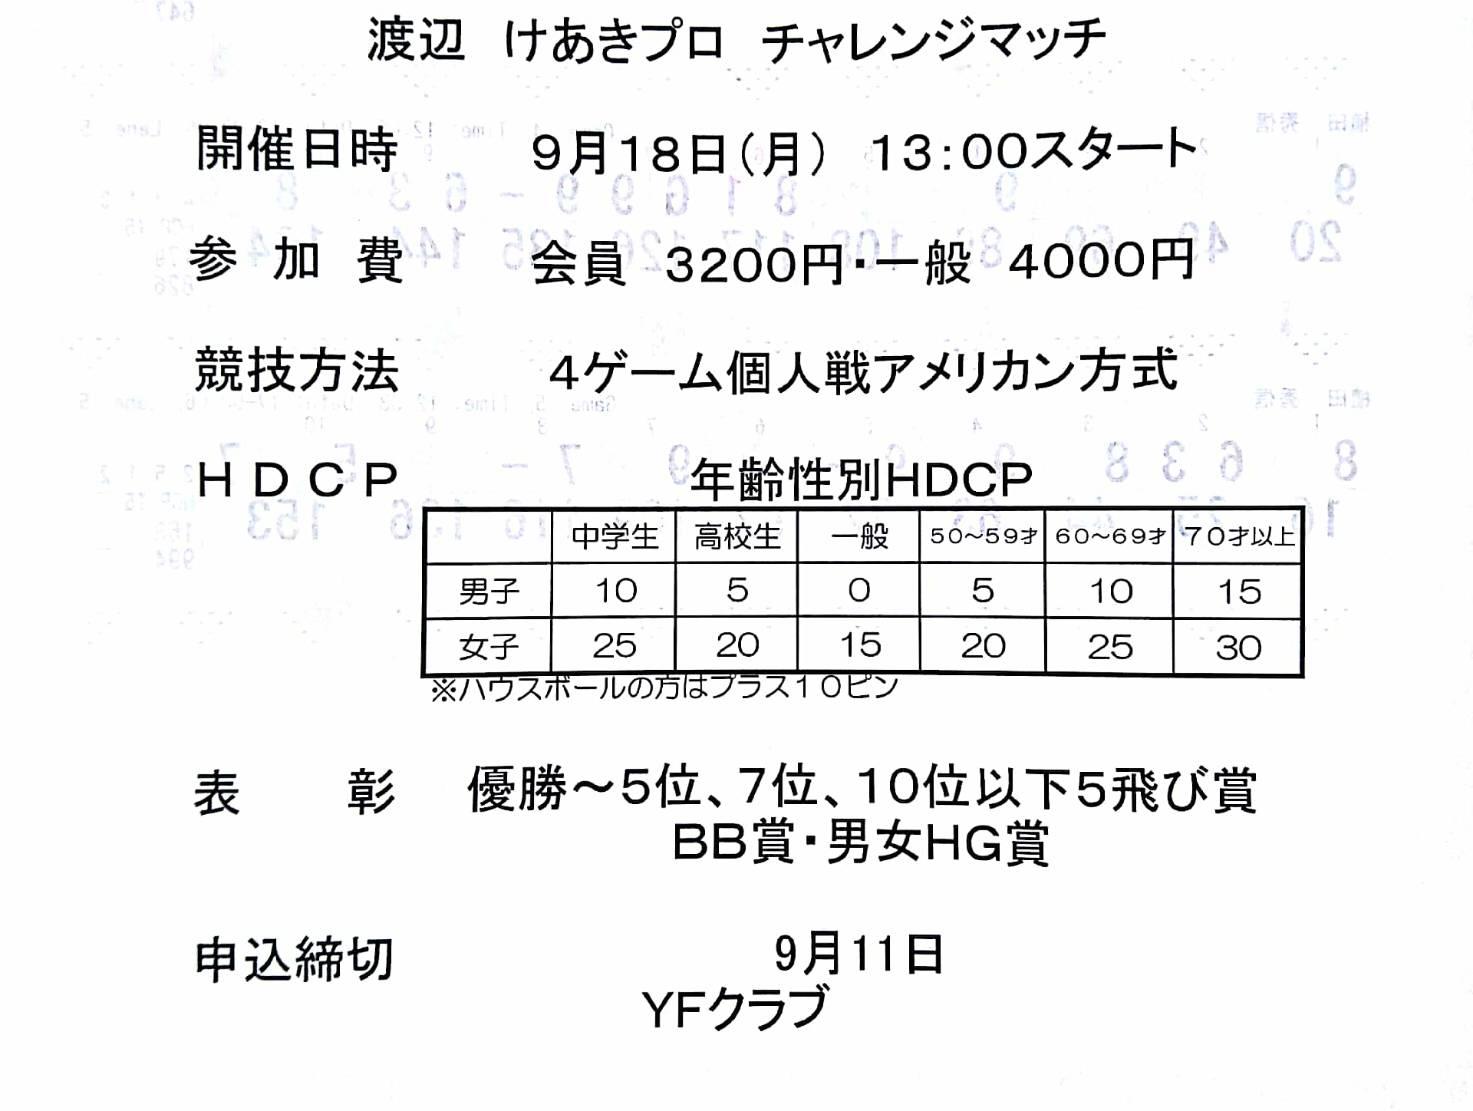 チャレンジスケジュール9月追加です❗️シーサイドボウル高松さんでのチャレンジ✨_b0259538_16371703.jpg